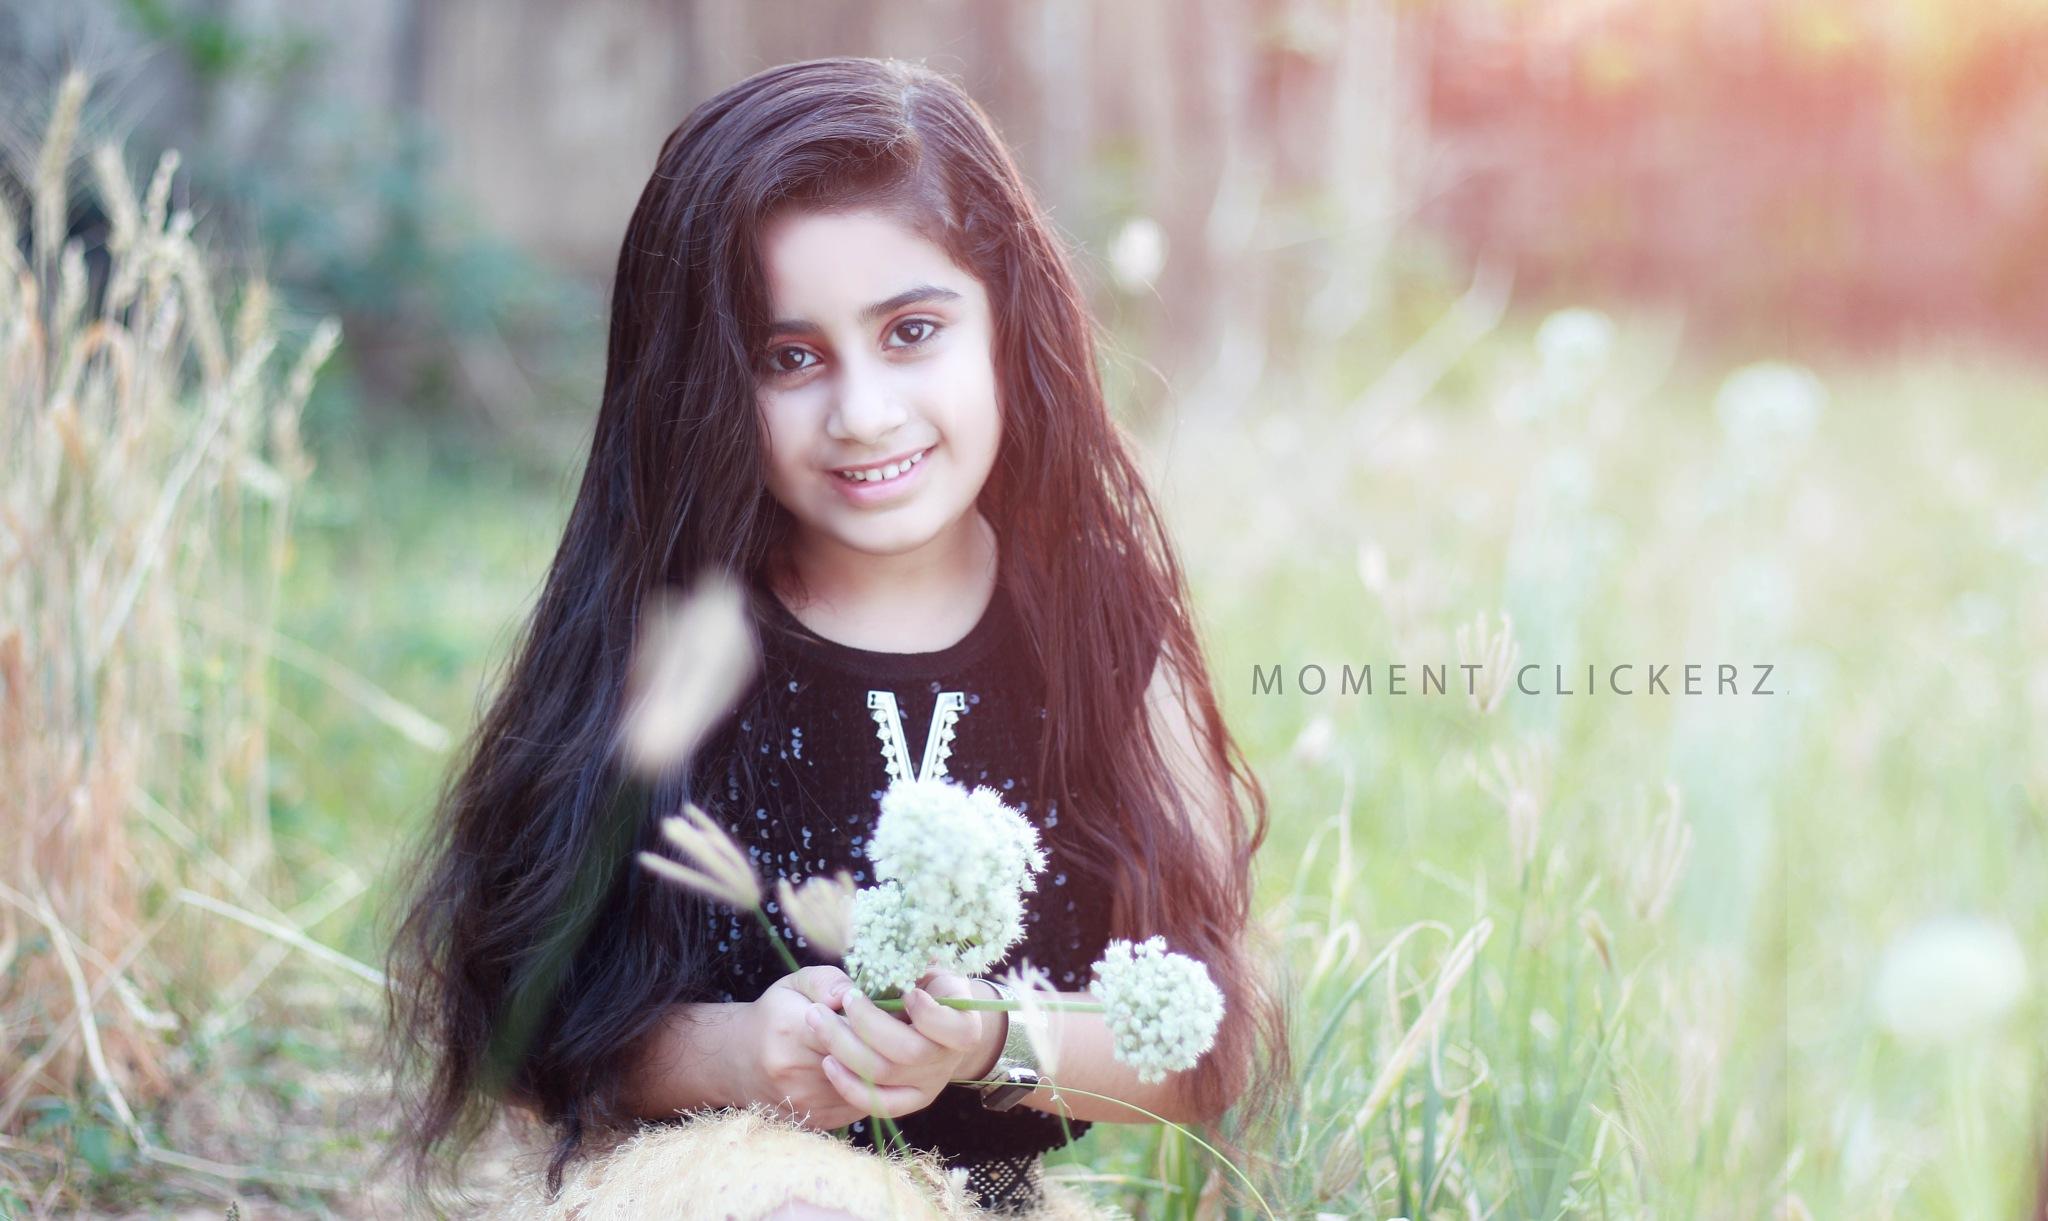 kids photography by Ravi mohanty